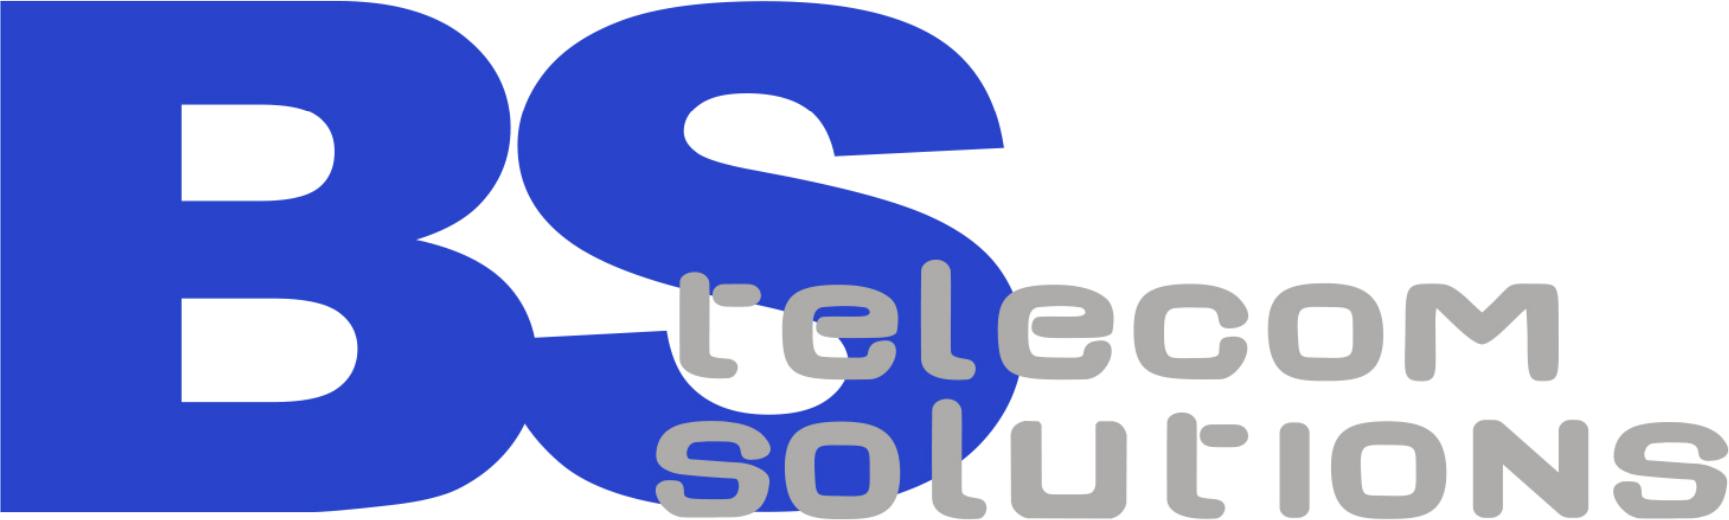 Ogranak BS Telecom Solutions d.o.o. Beograd